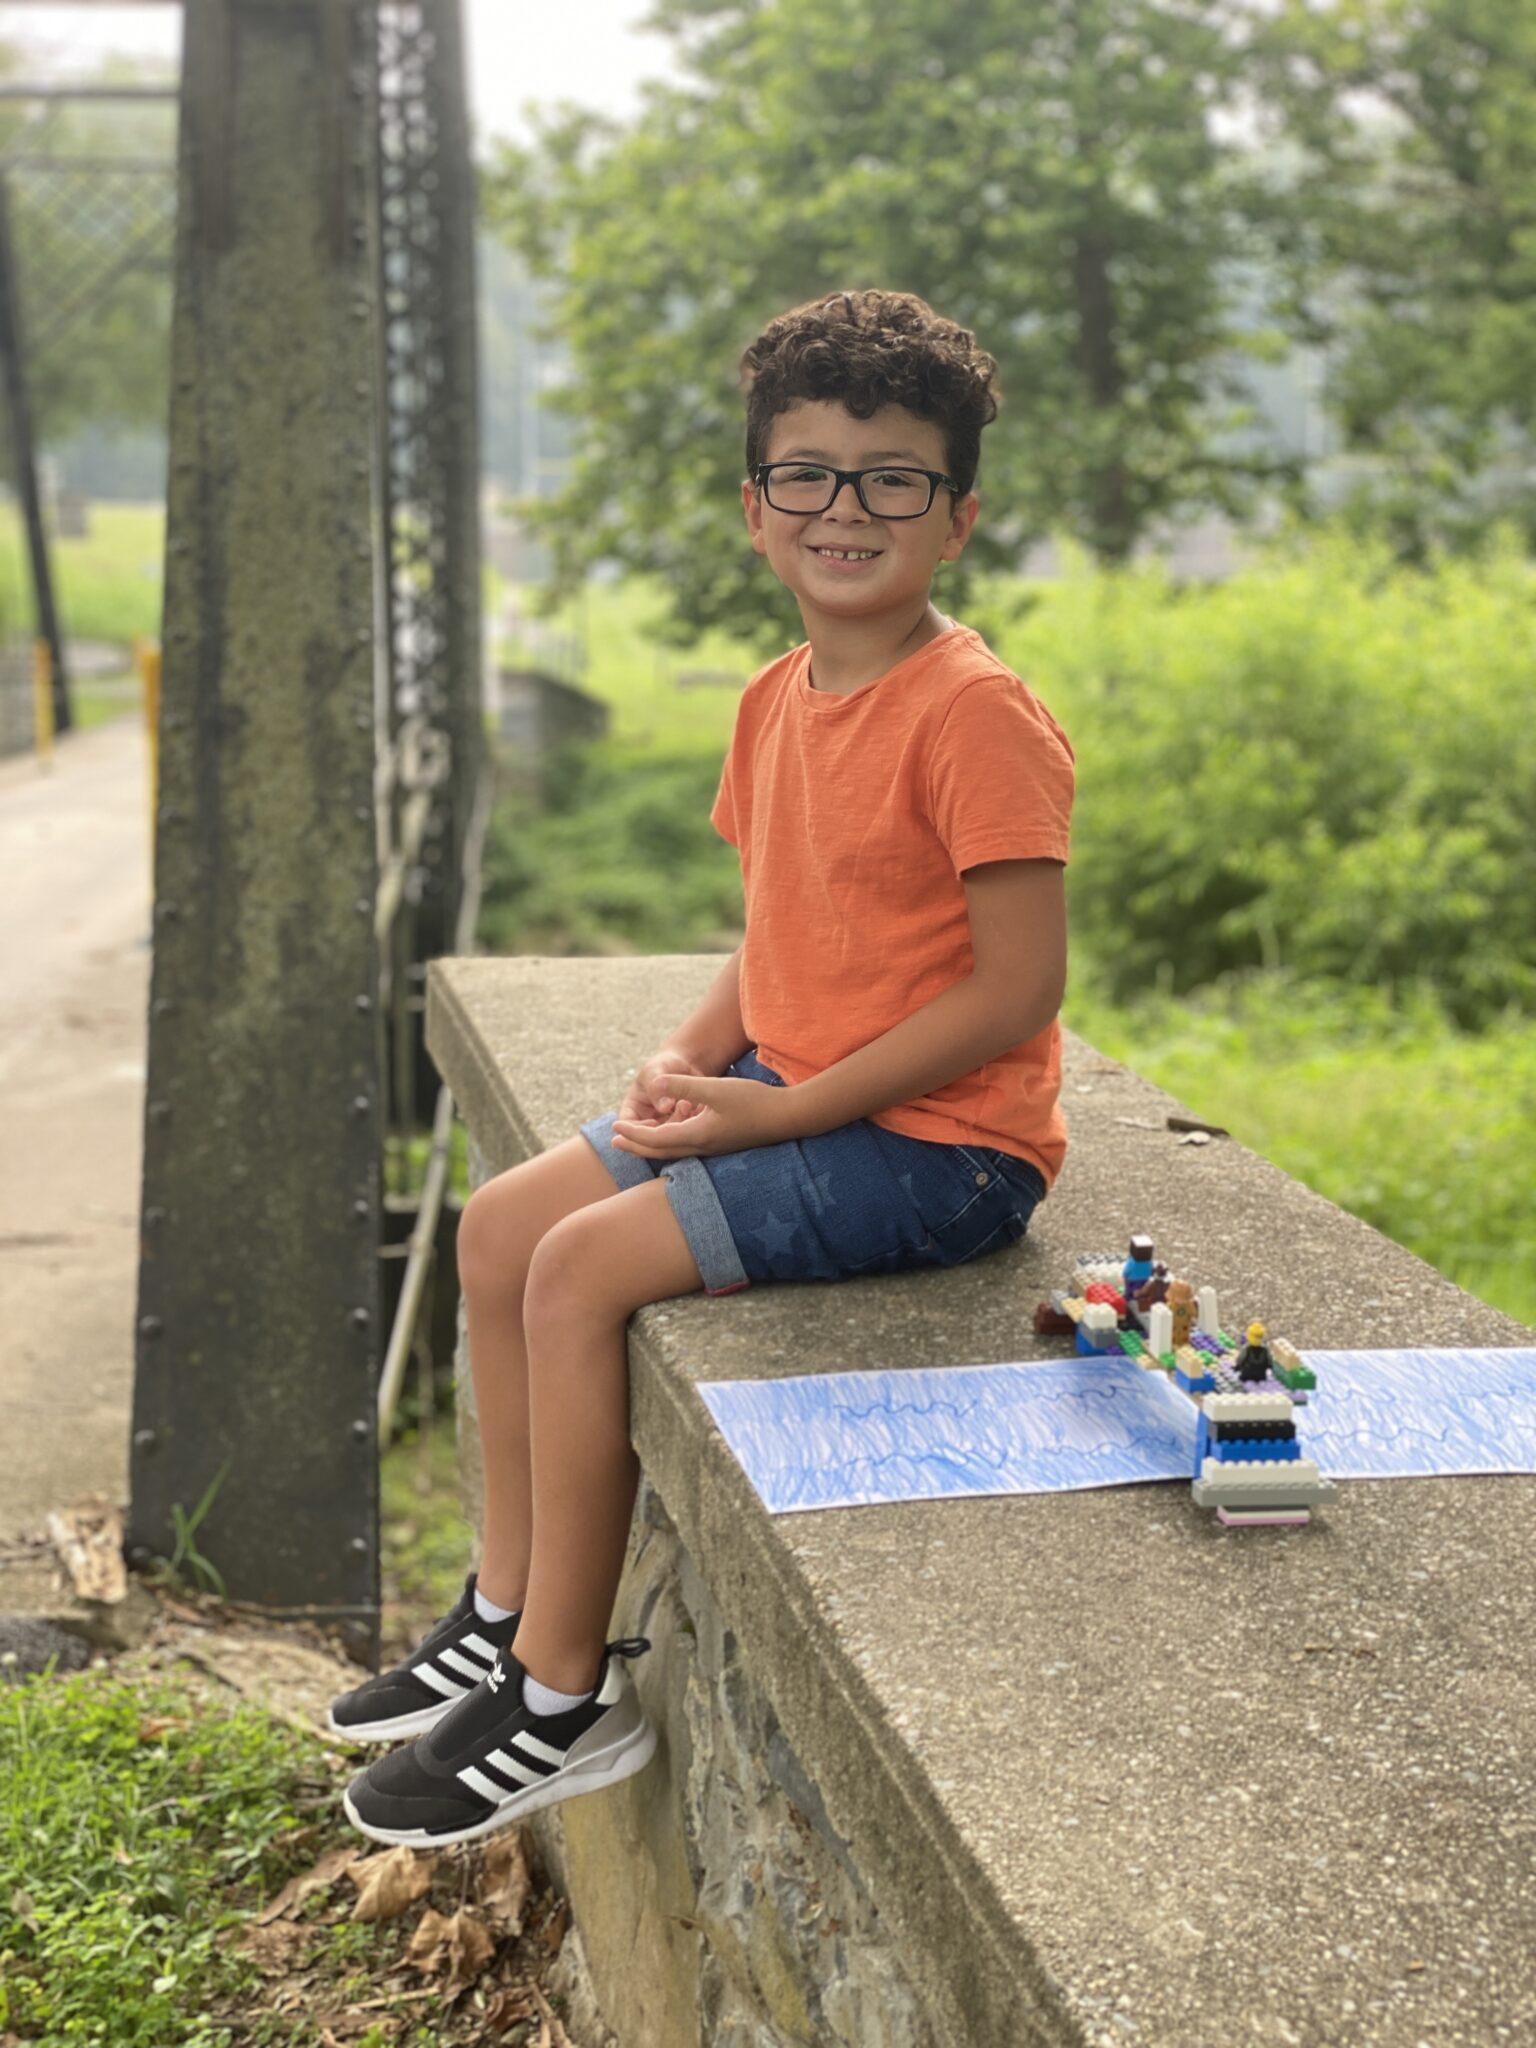 student on bridge with lego bridge creation